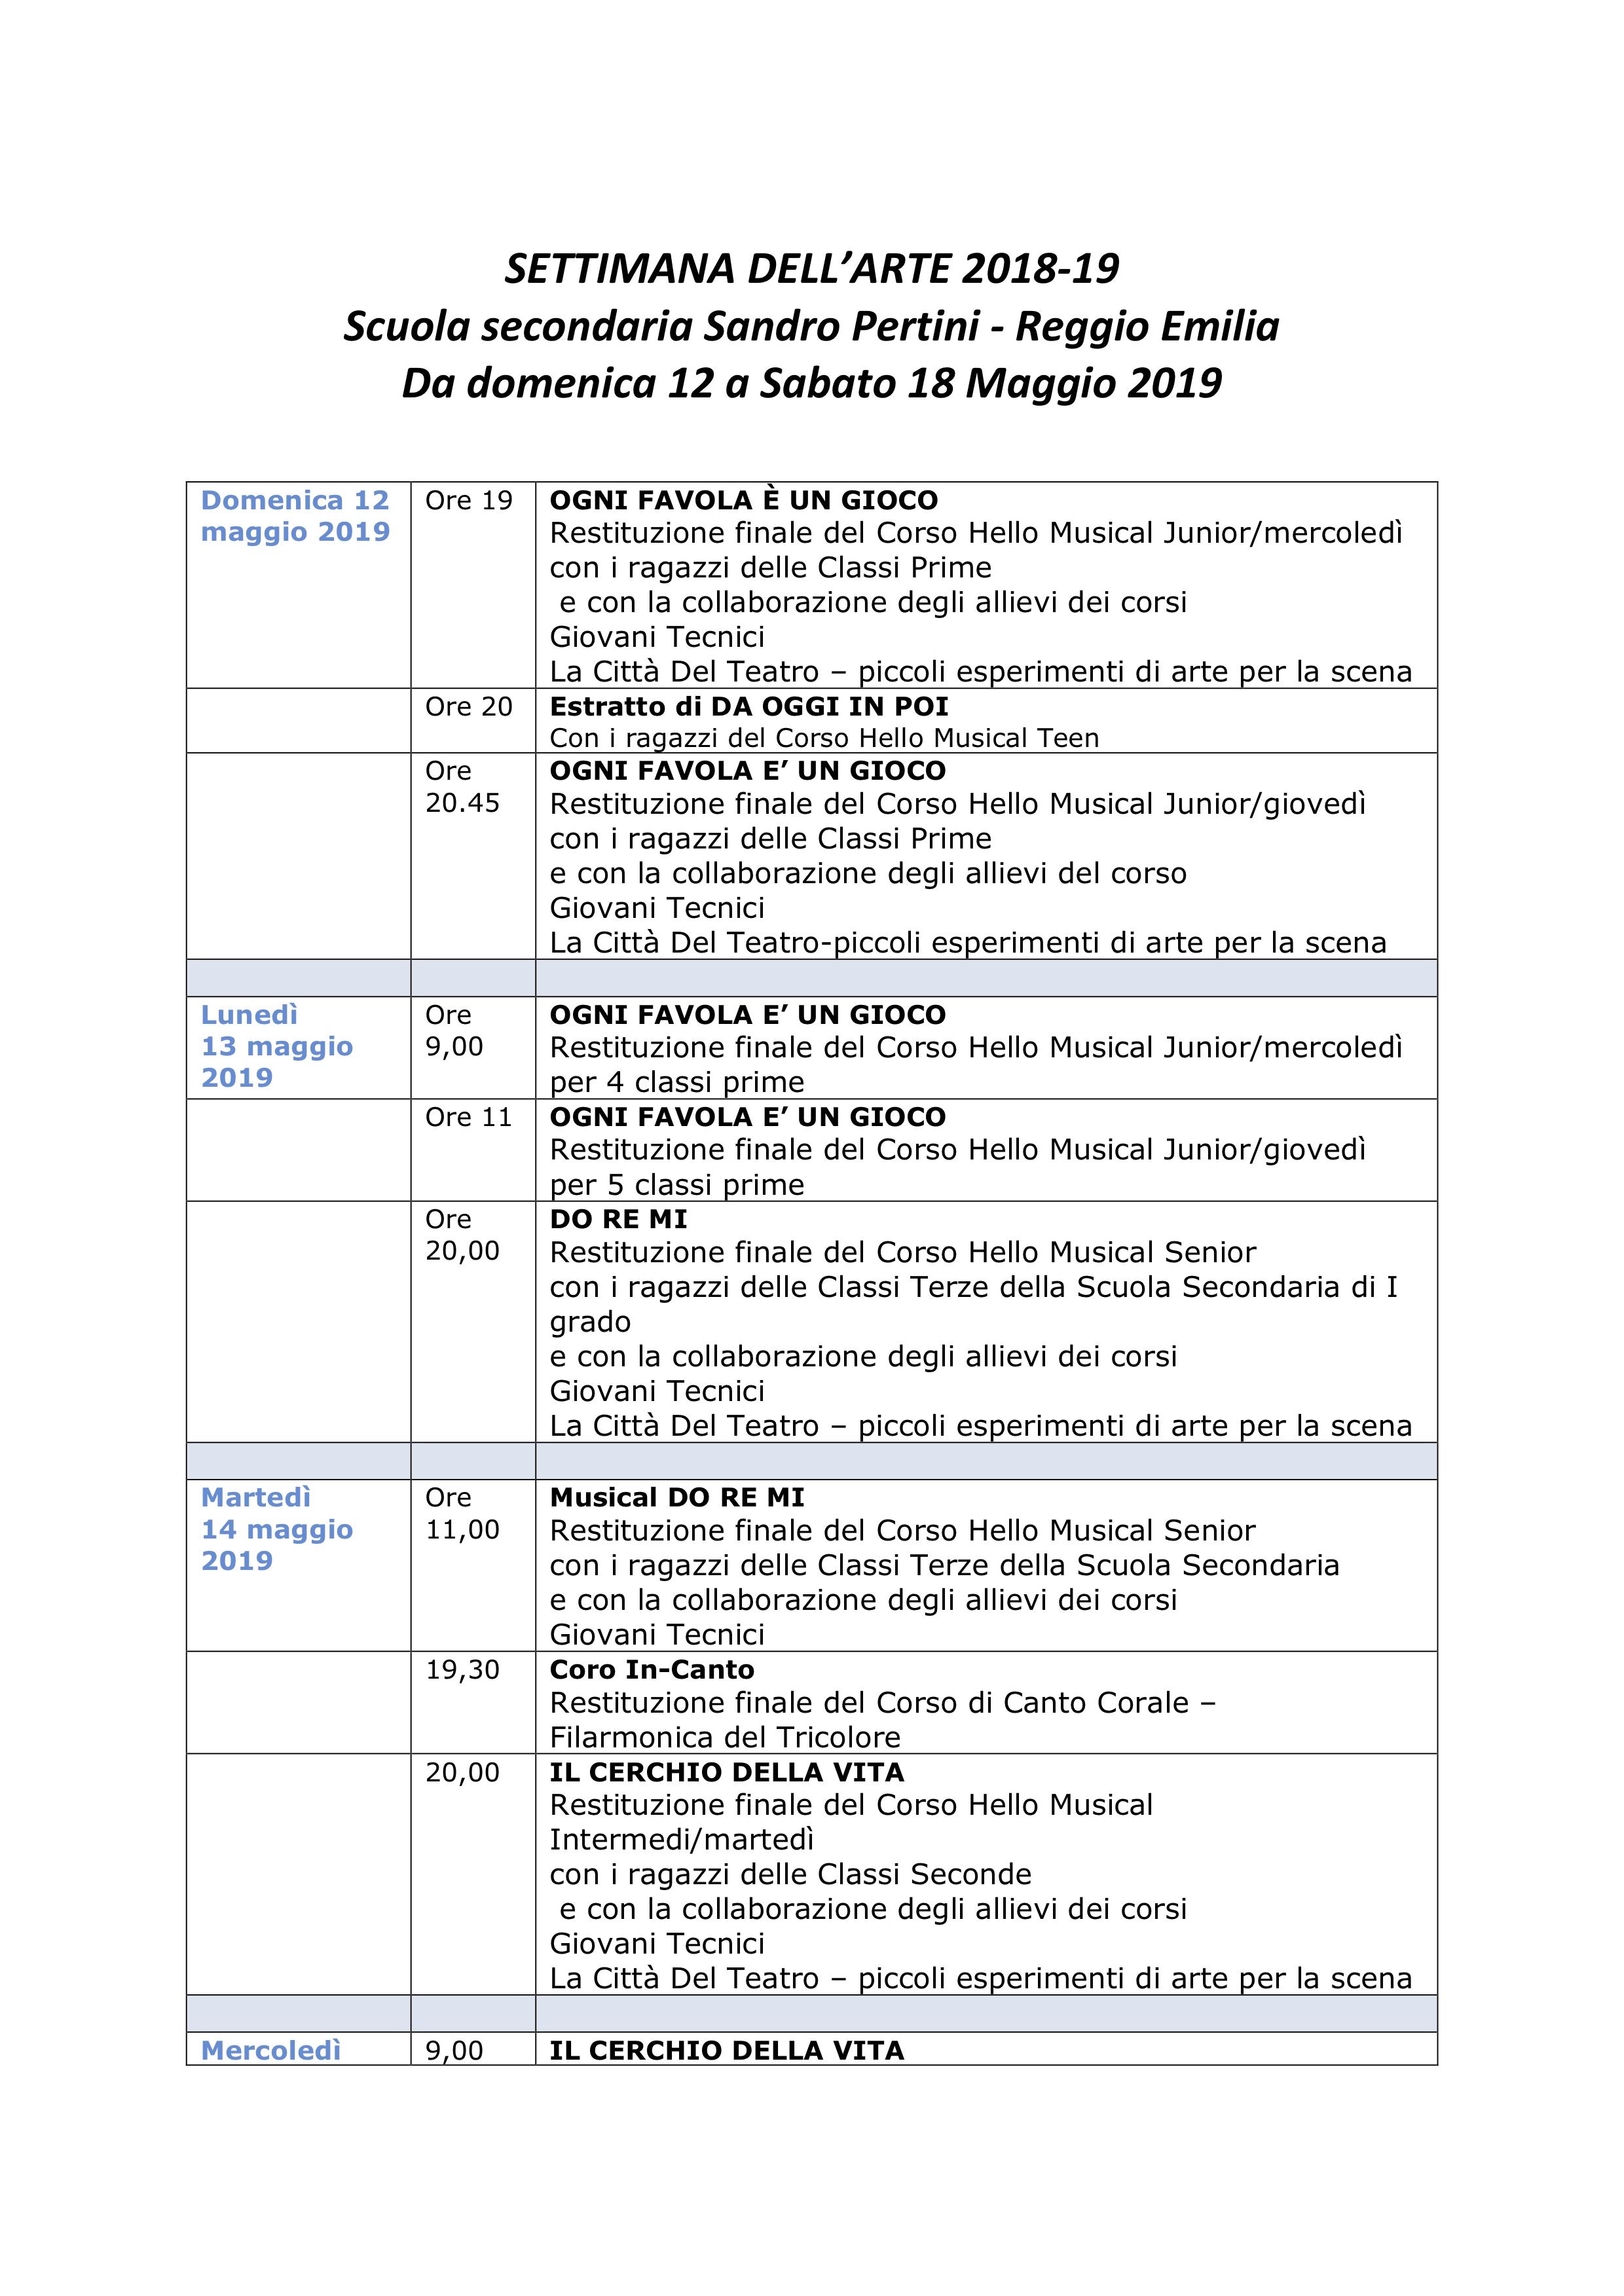 SETTIMANA DELL'ARTE 2018_2019 - Pag 1